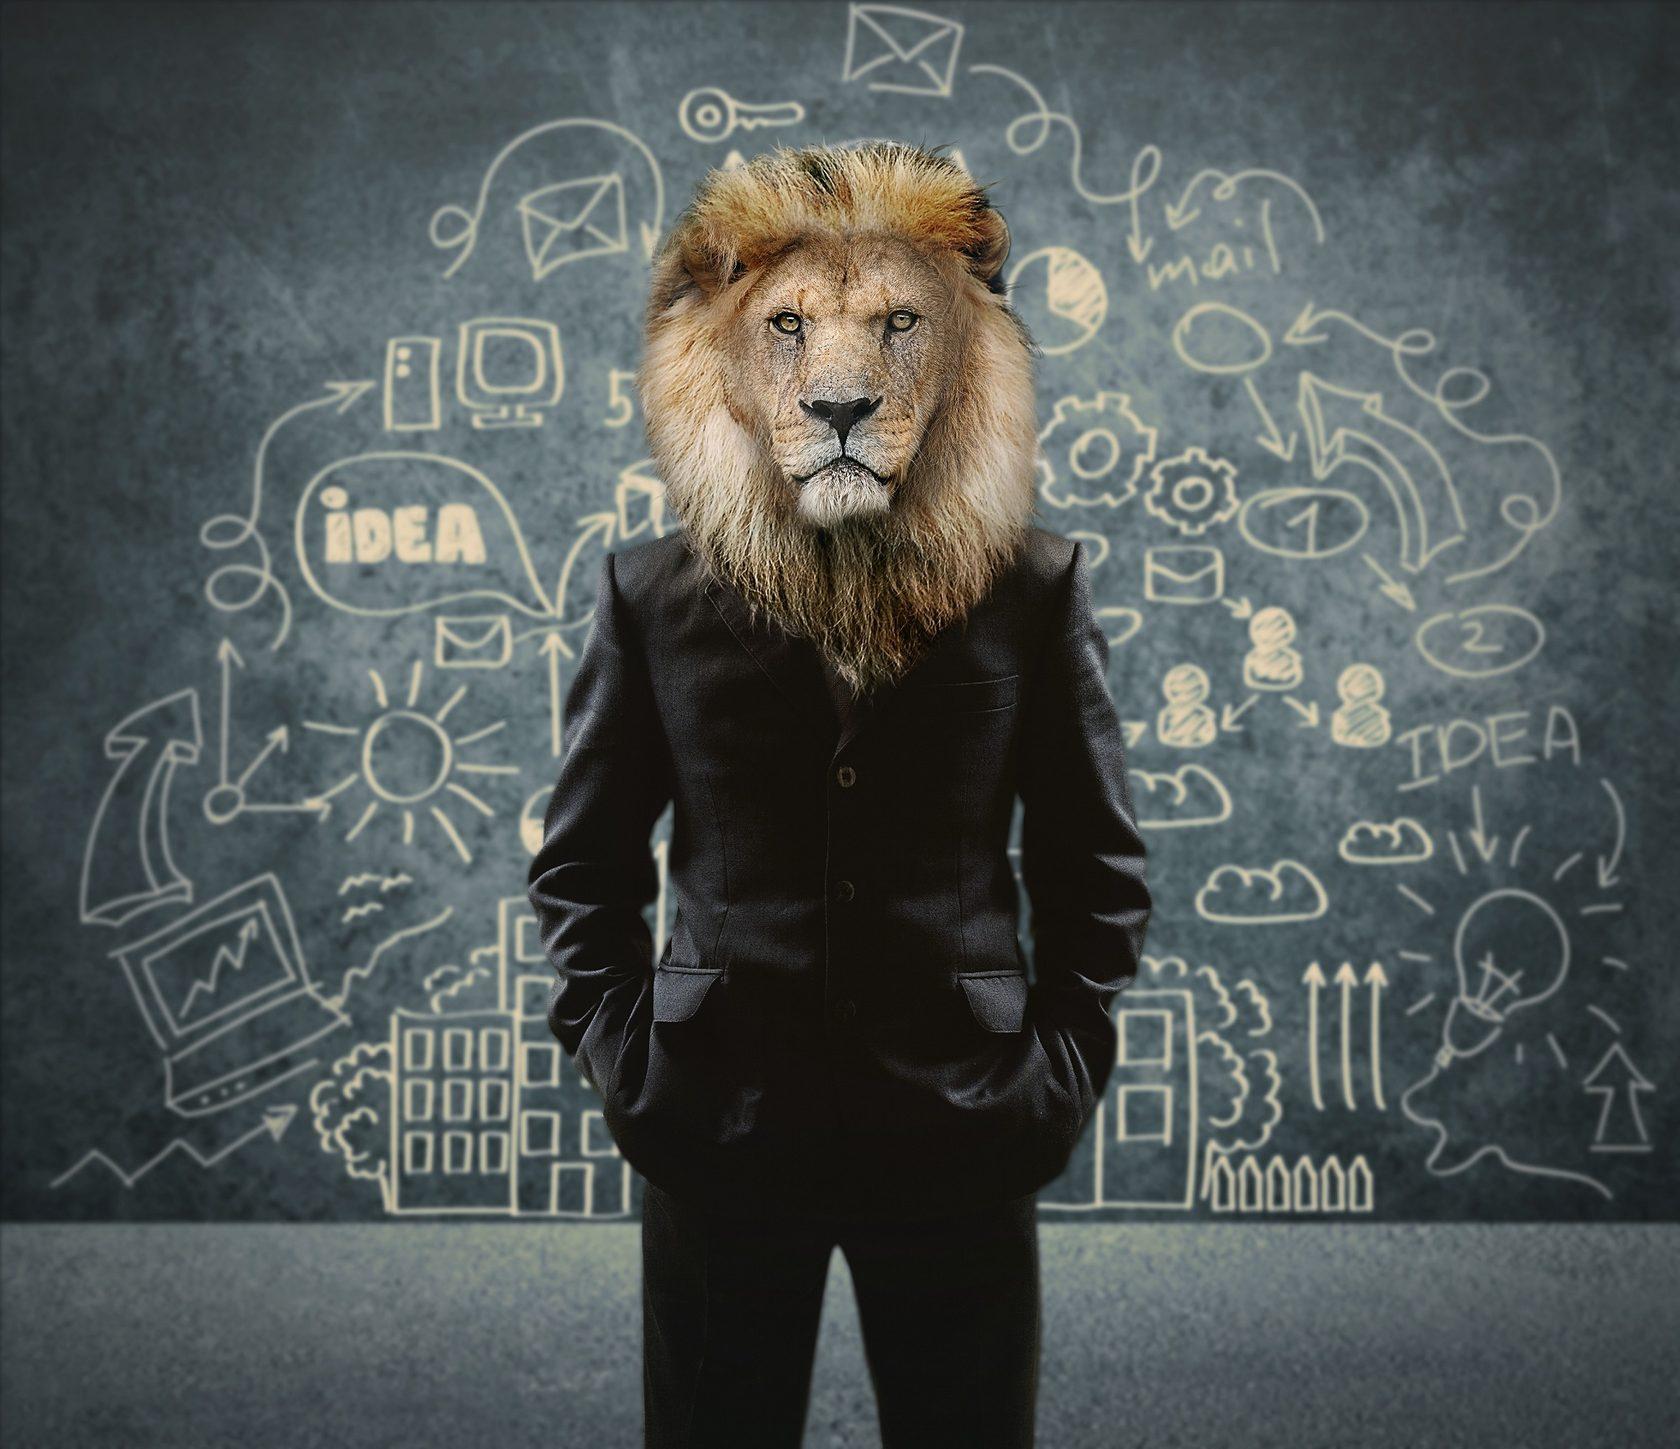 картинки человека с головой льва